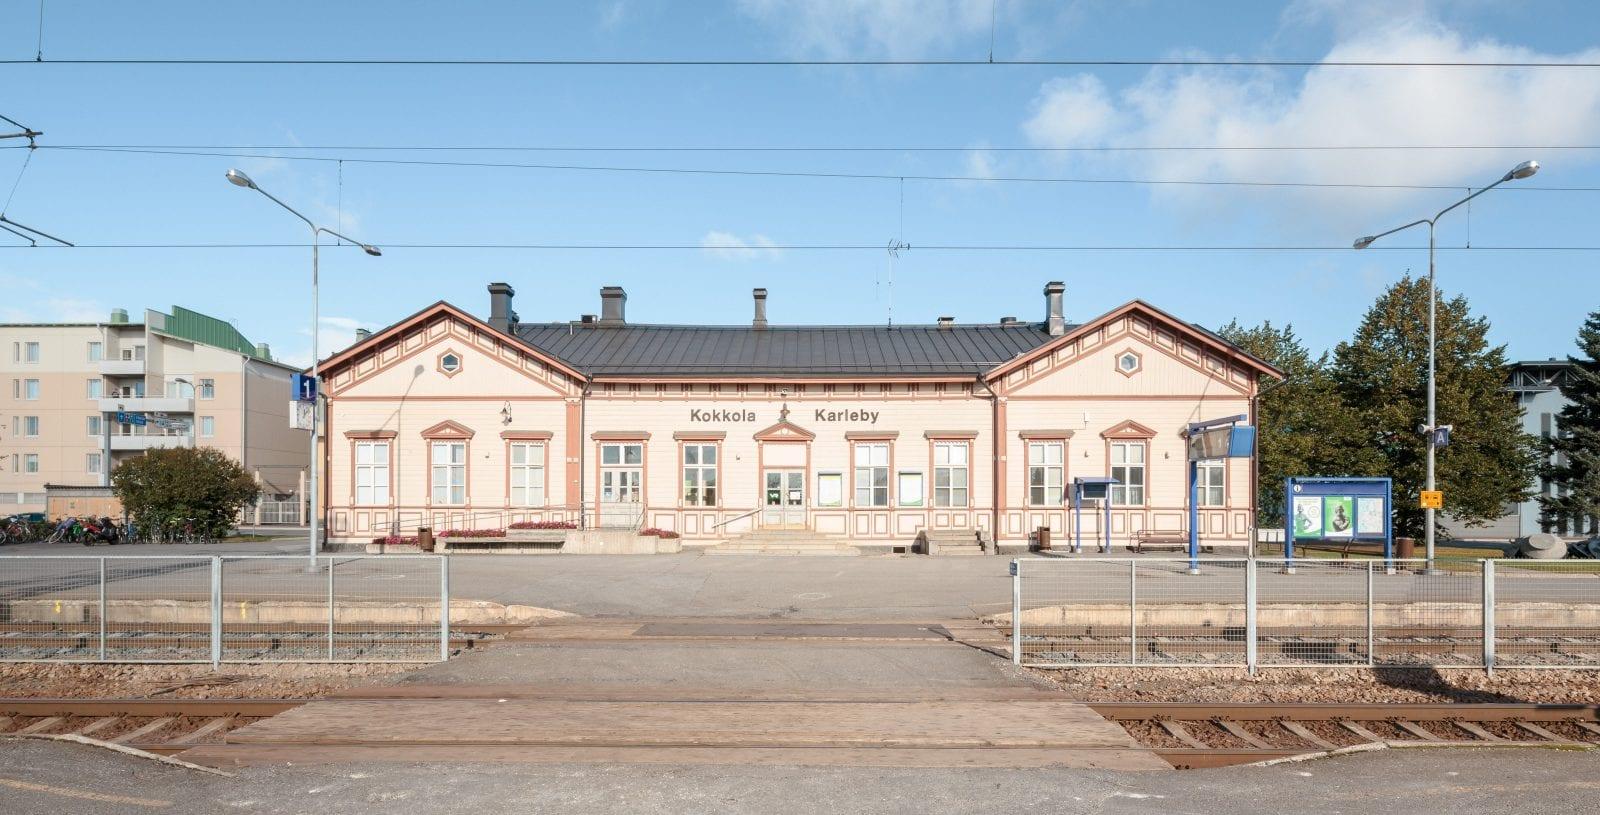 VR 20130925 Kokkolan rautatieasema, Kokkola